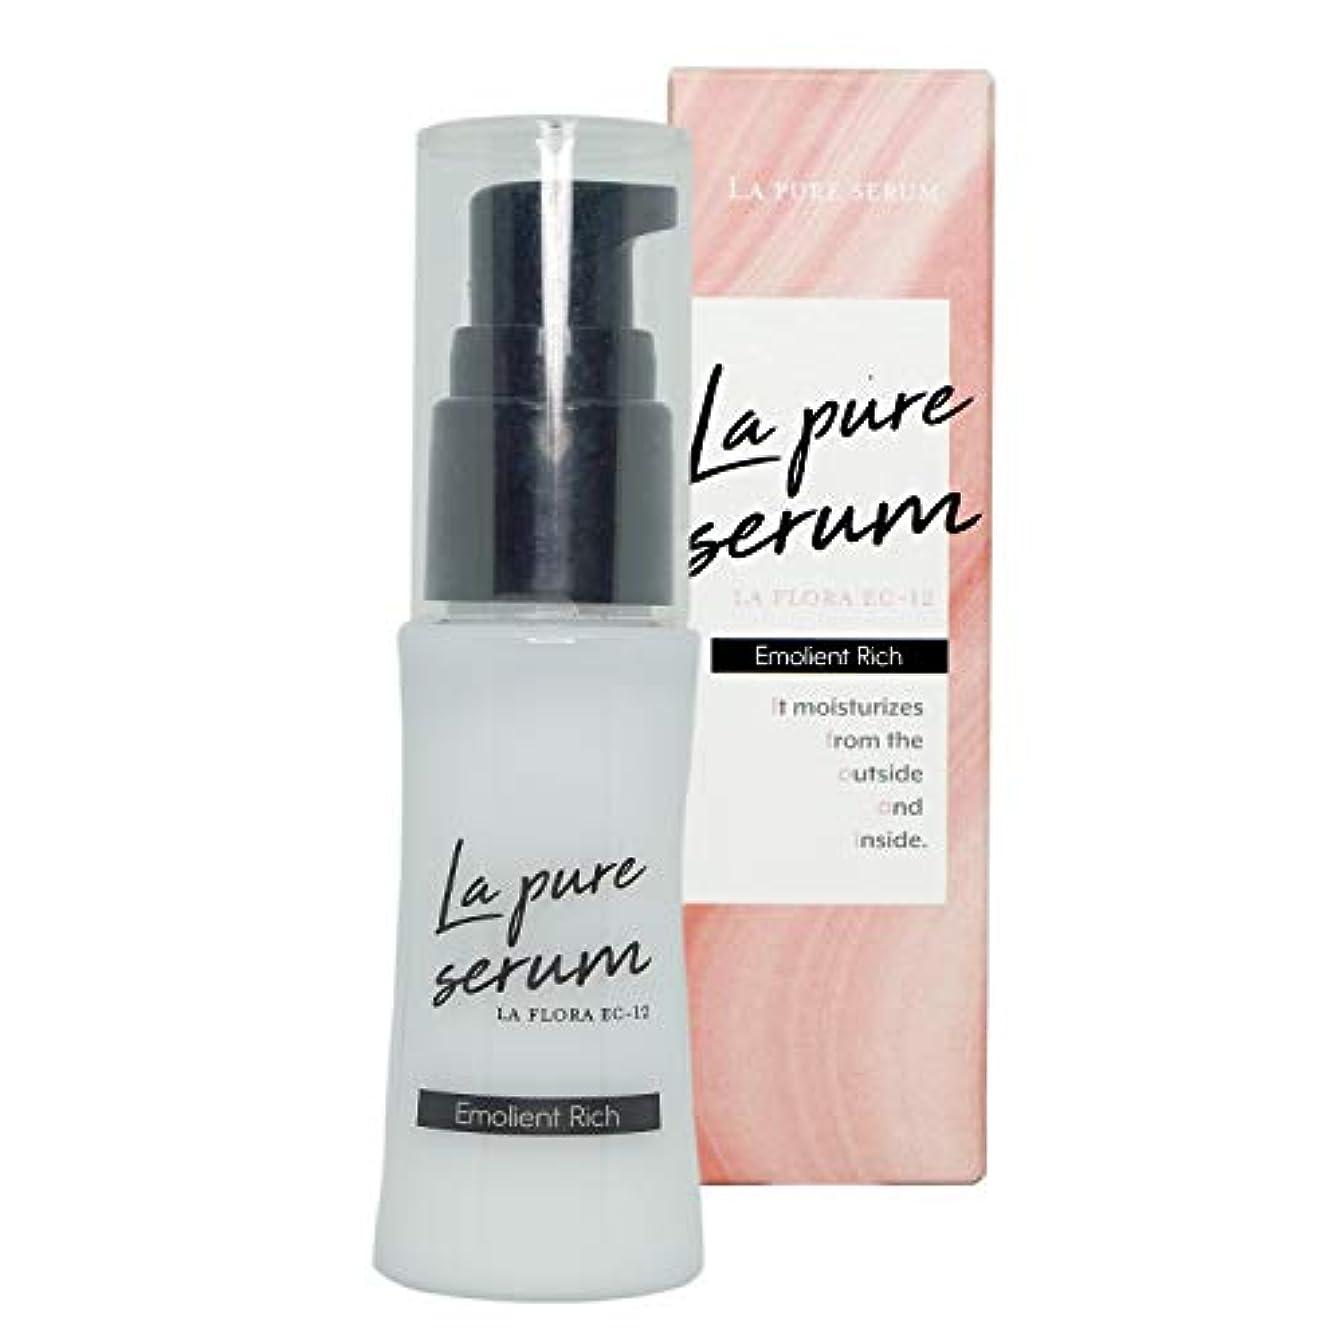 La pure serum ラピュアセラム シワ?たるみの悩みを解消 老け顔 ほうれい線 ゴルゴライン 目尻のシワ エイジングケア